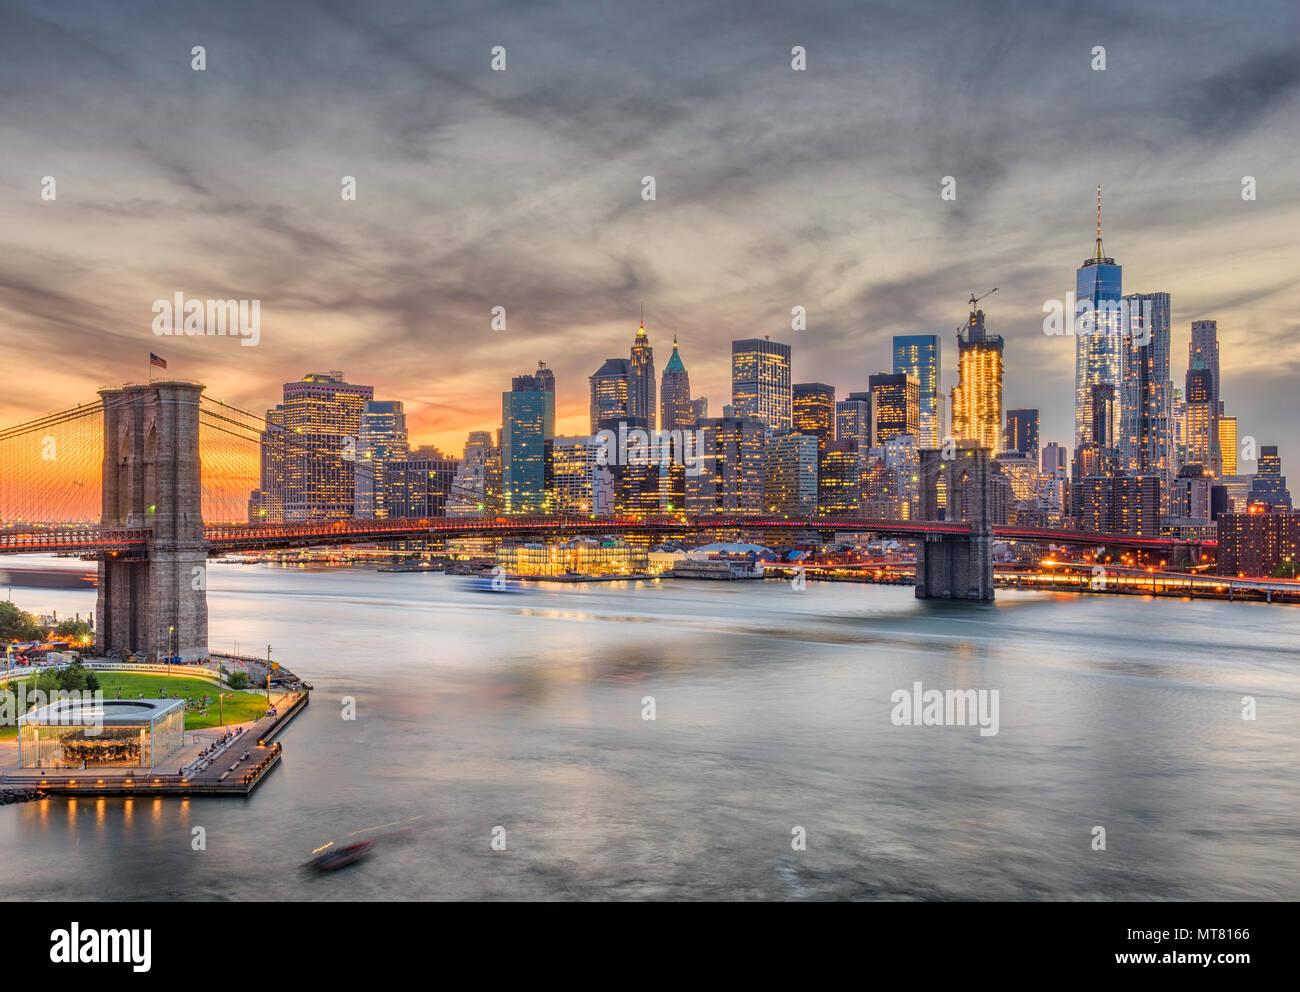 New York, New York, États-Unis d'horizon de Manhattan sur l'East River avec le Pont de Brooklyn après le coucher du soleil. Photo Stock